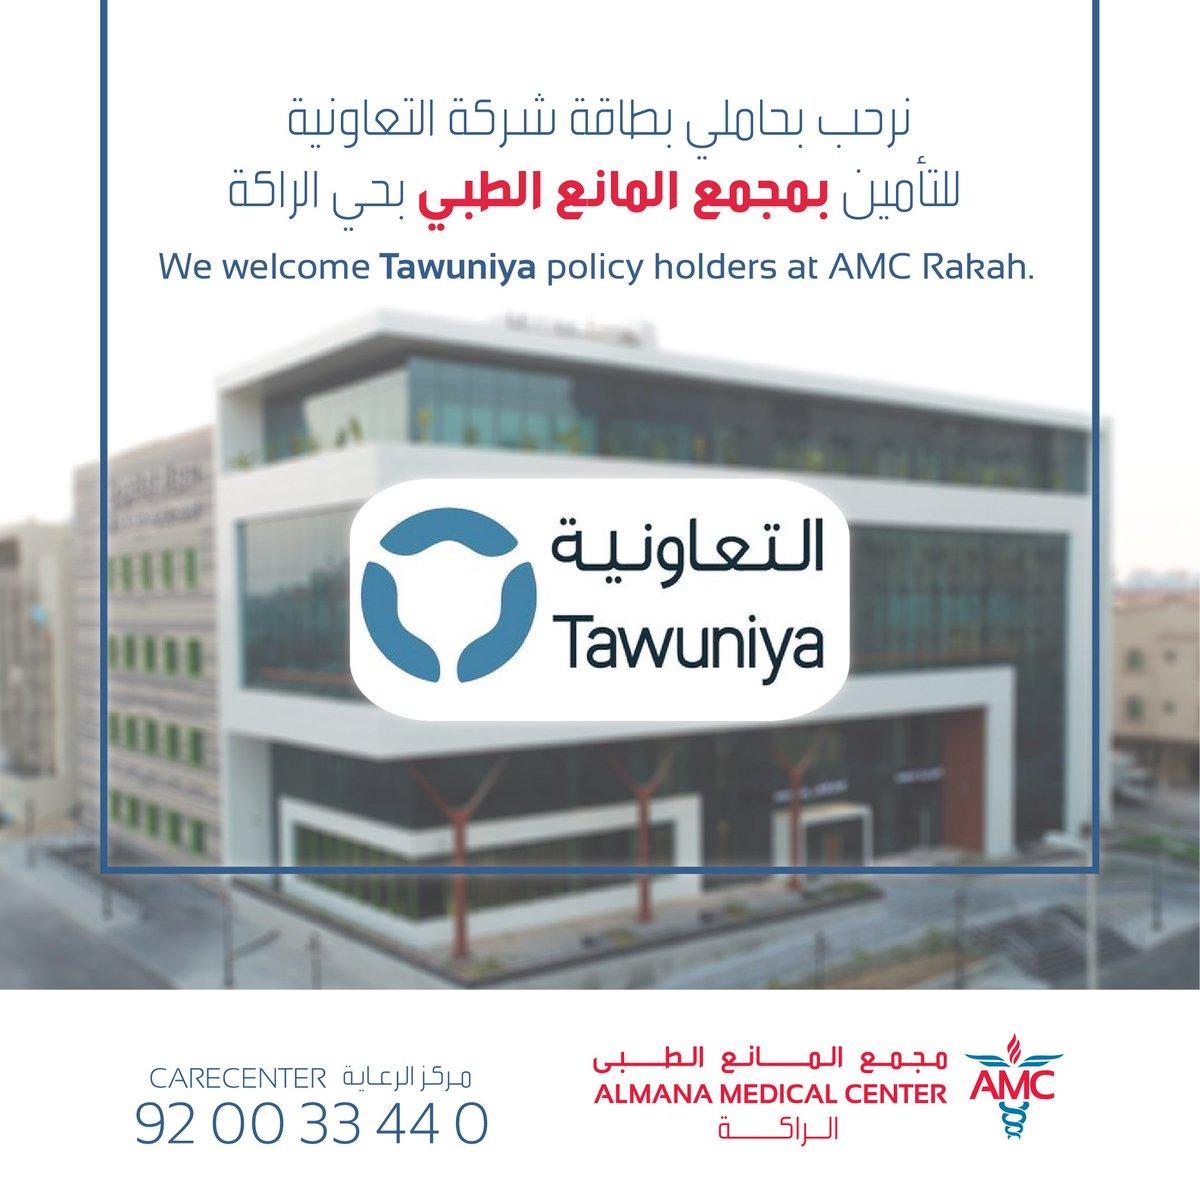 مستشفيات المانع Twitter પર نرحب بحاملي بطاقة شركة التعاونية للتأمين Tawuniya بمجمع المانع الطبي الراكة بدءا من 1 اكتوبر 2018 مستشفى المانع